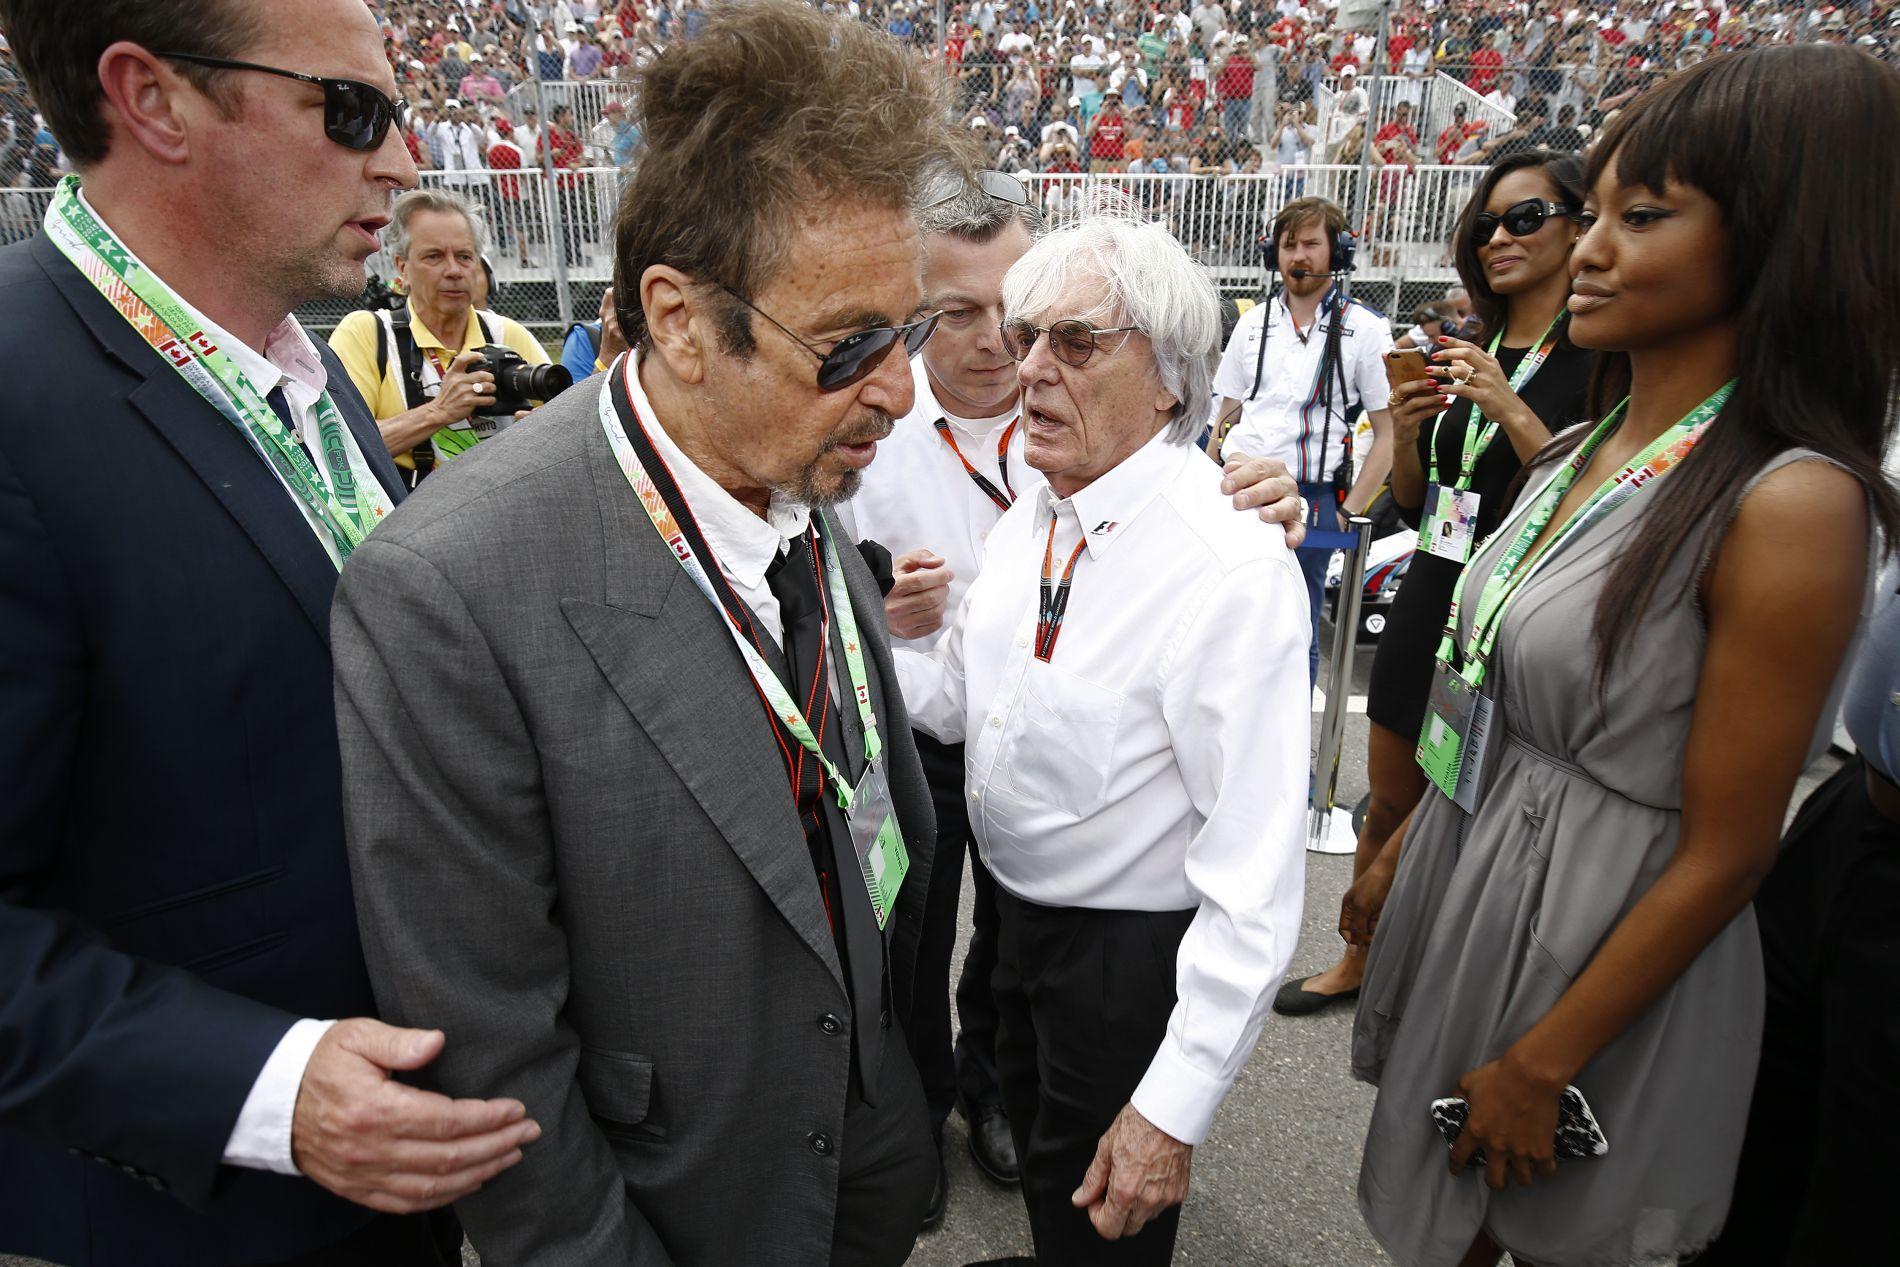 Majd a Formula E megmenti a világot, az F1 pedig visszatérhet a szórakoztatáshoz